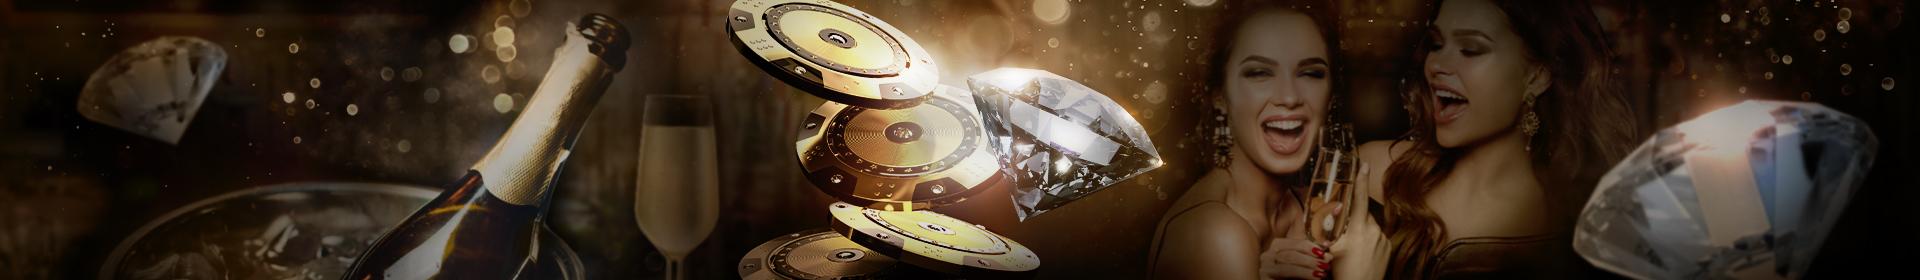 The Highroller Casino VIP Guide